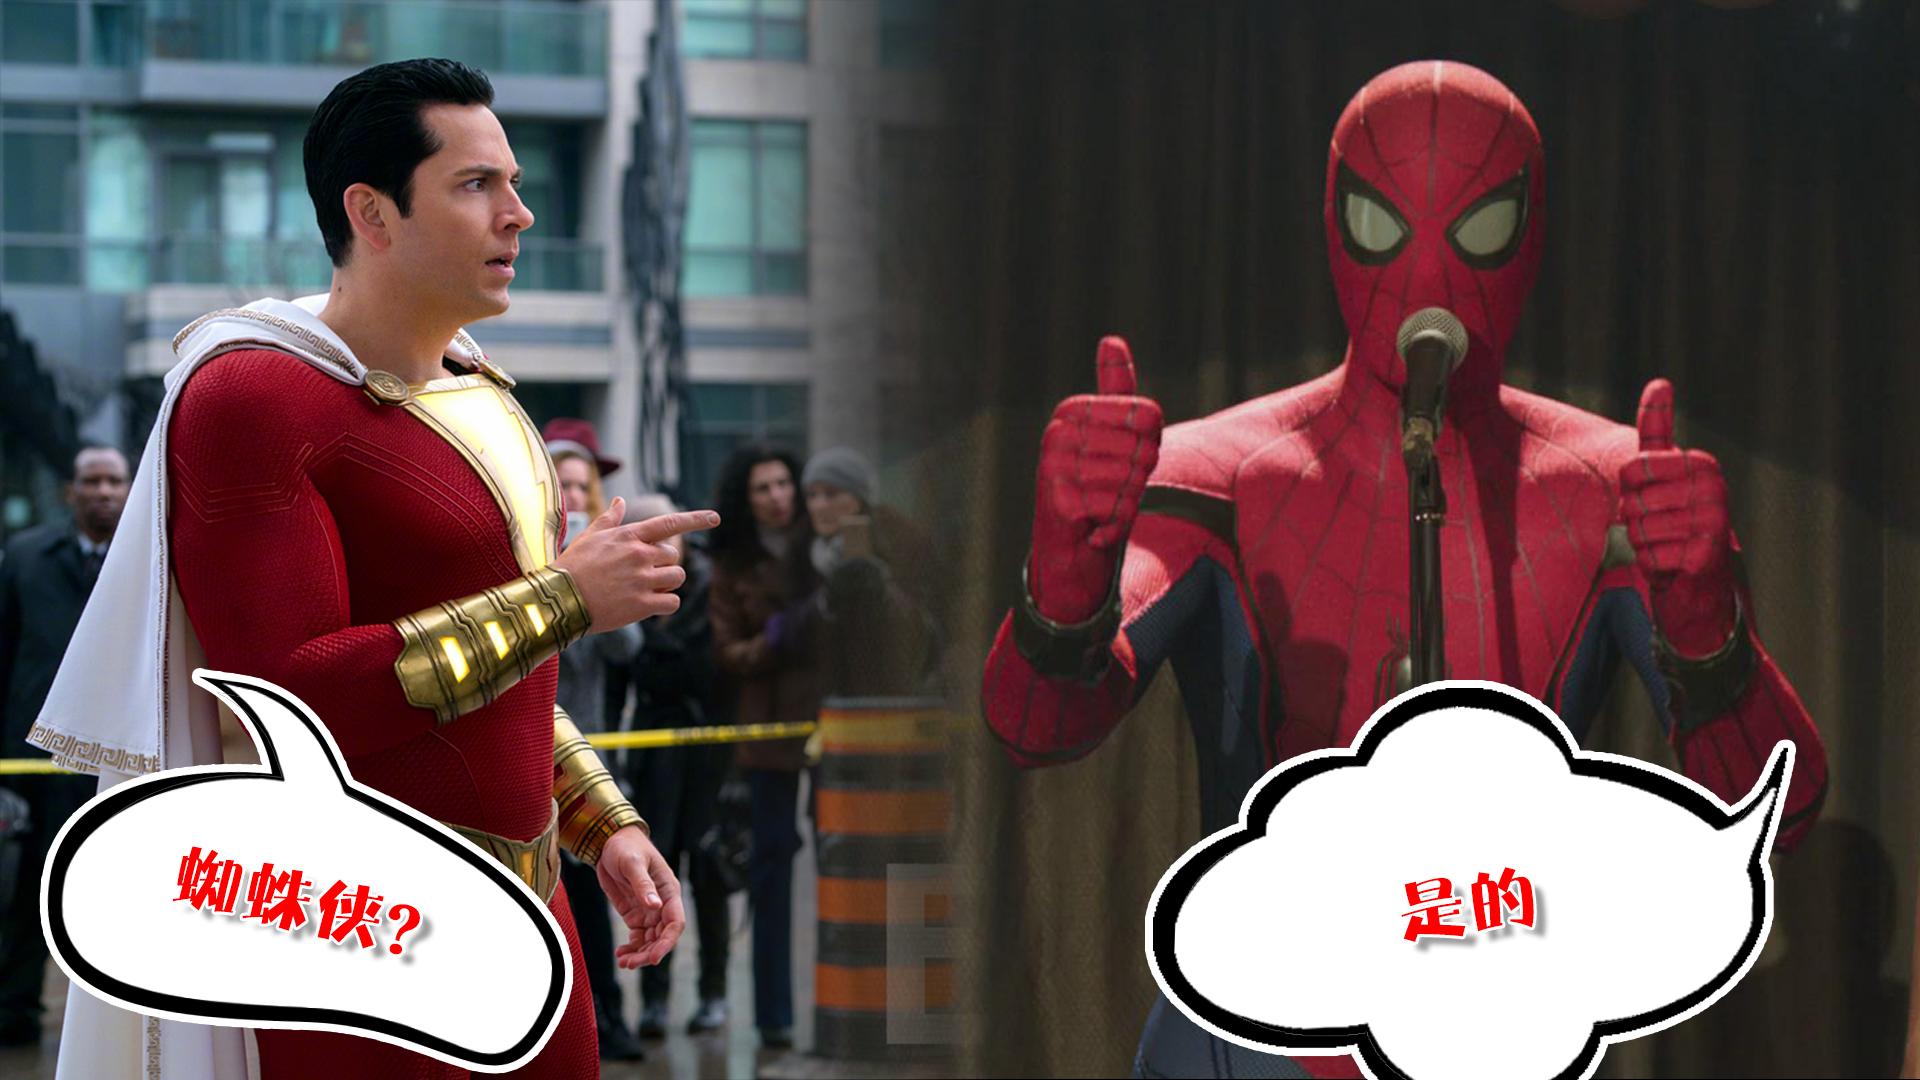 2019超级英雄大合集:DC新英雄沙赞能否抵挡漫威归来的小蜘蛛?